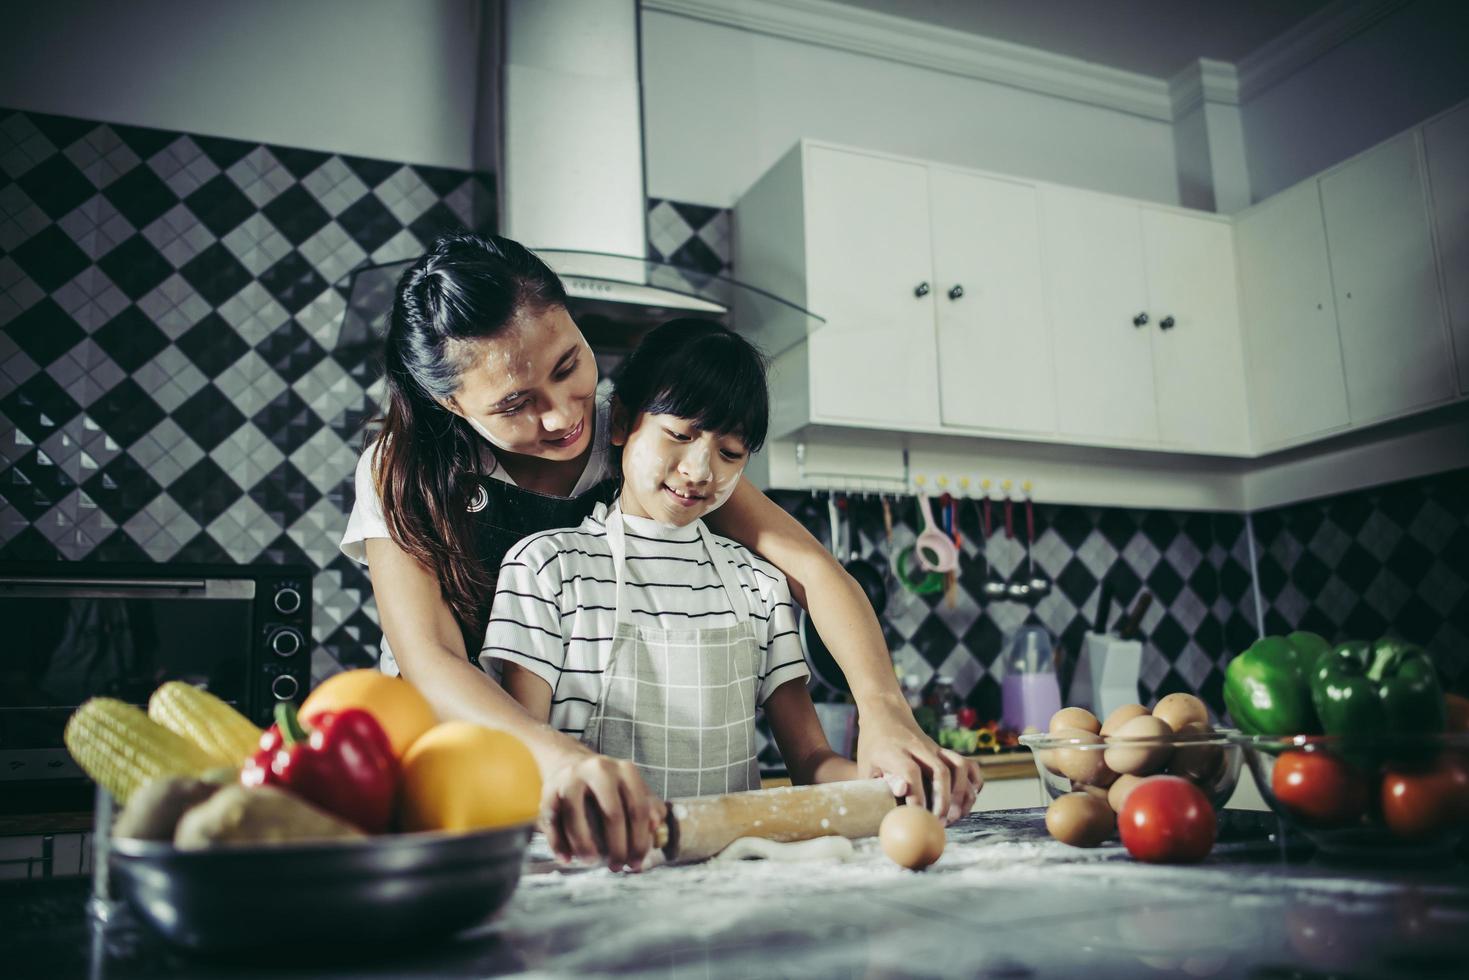 bambina carina e mamma in grembiuli che appiattiscono la pasta nella cucina di casa foto